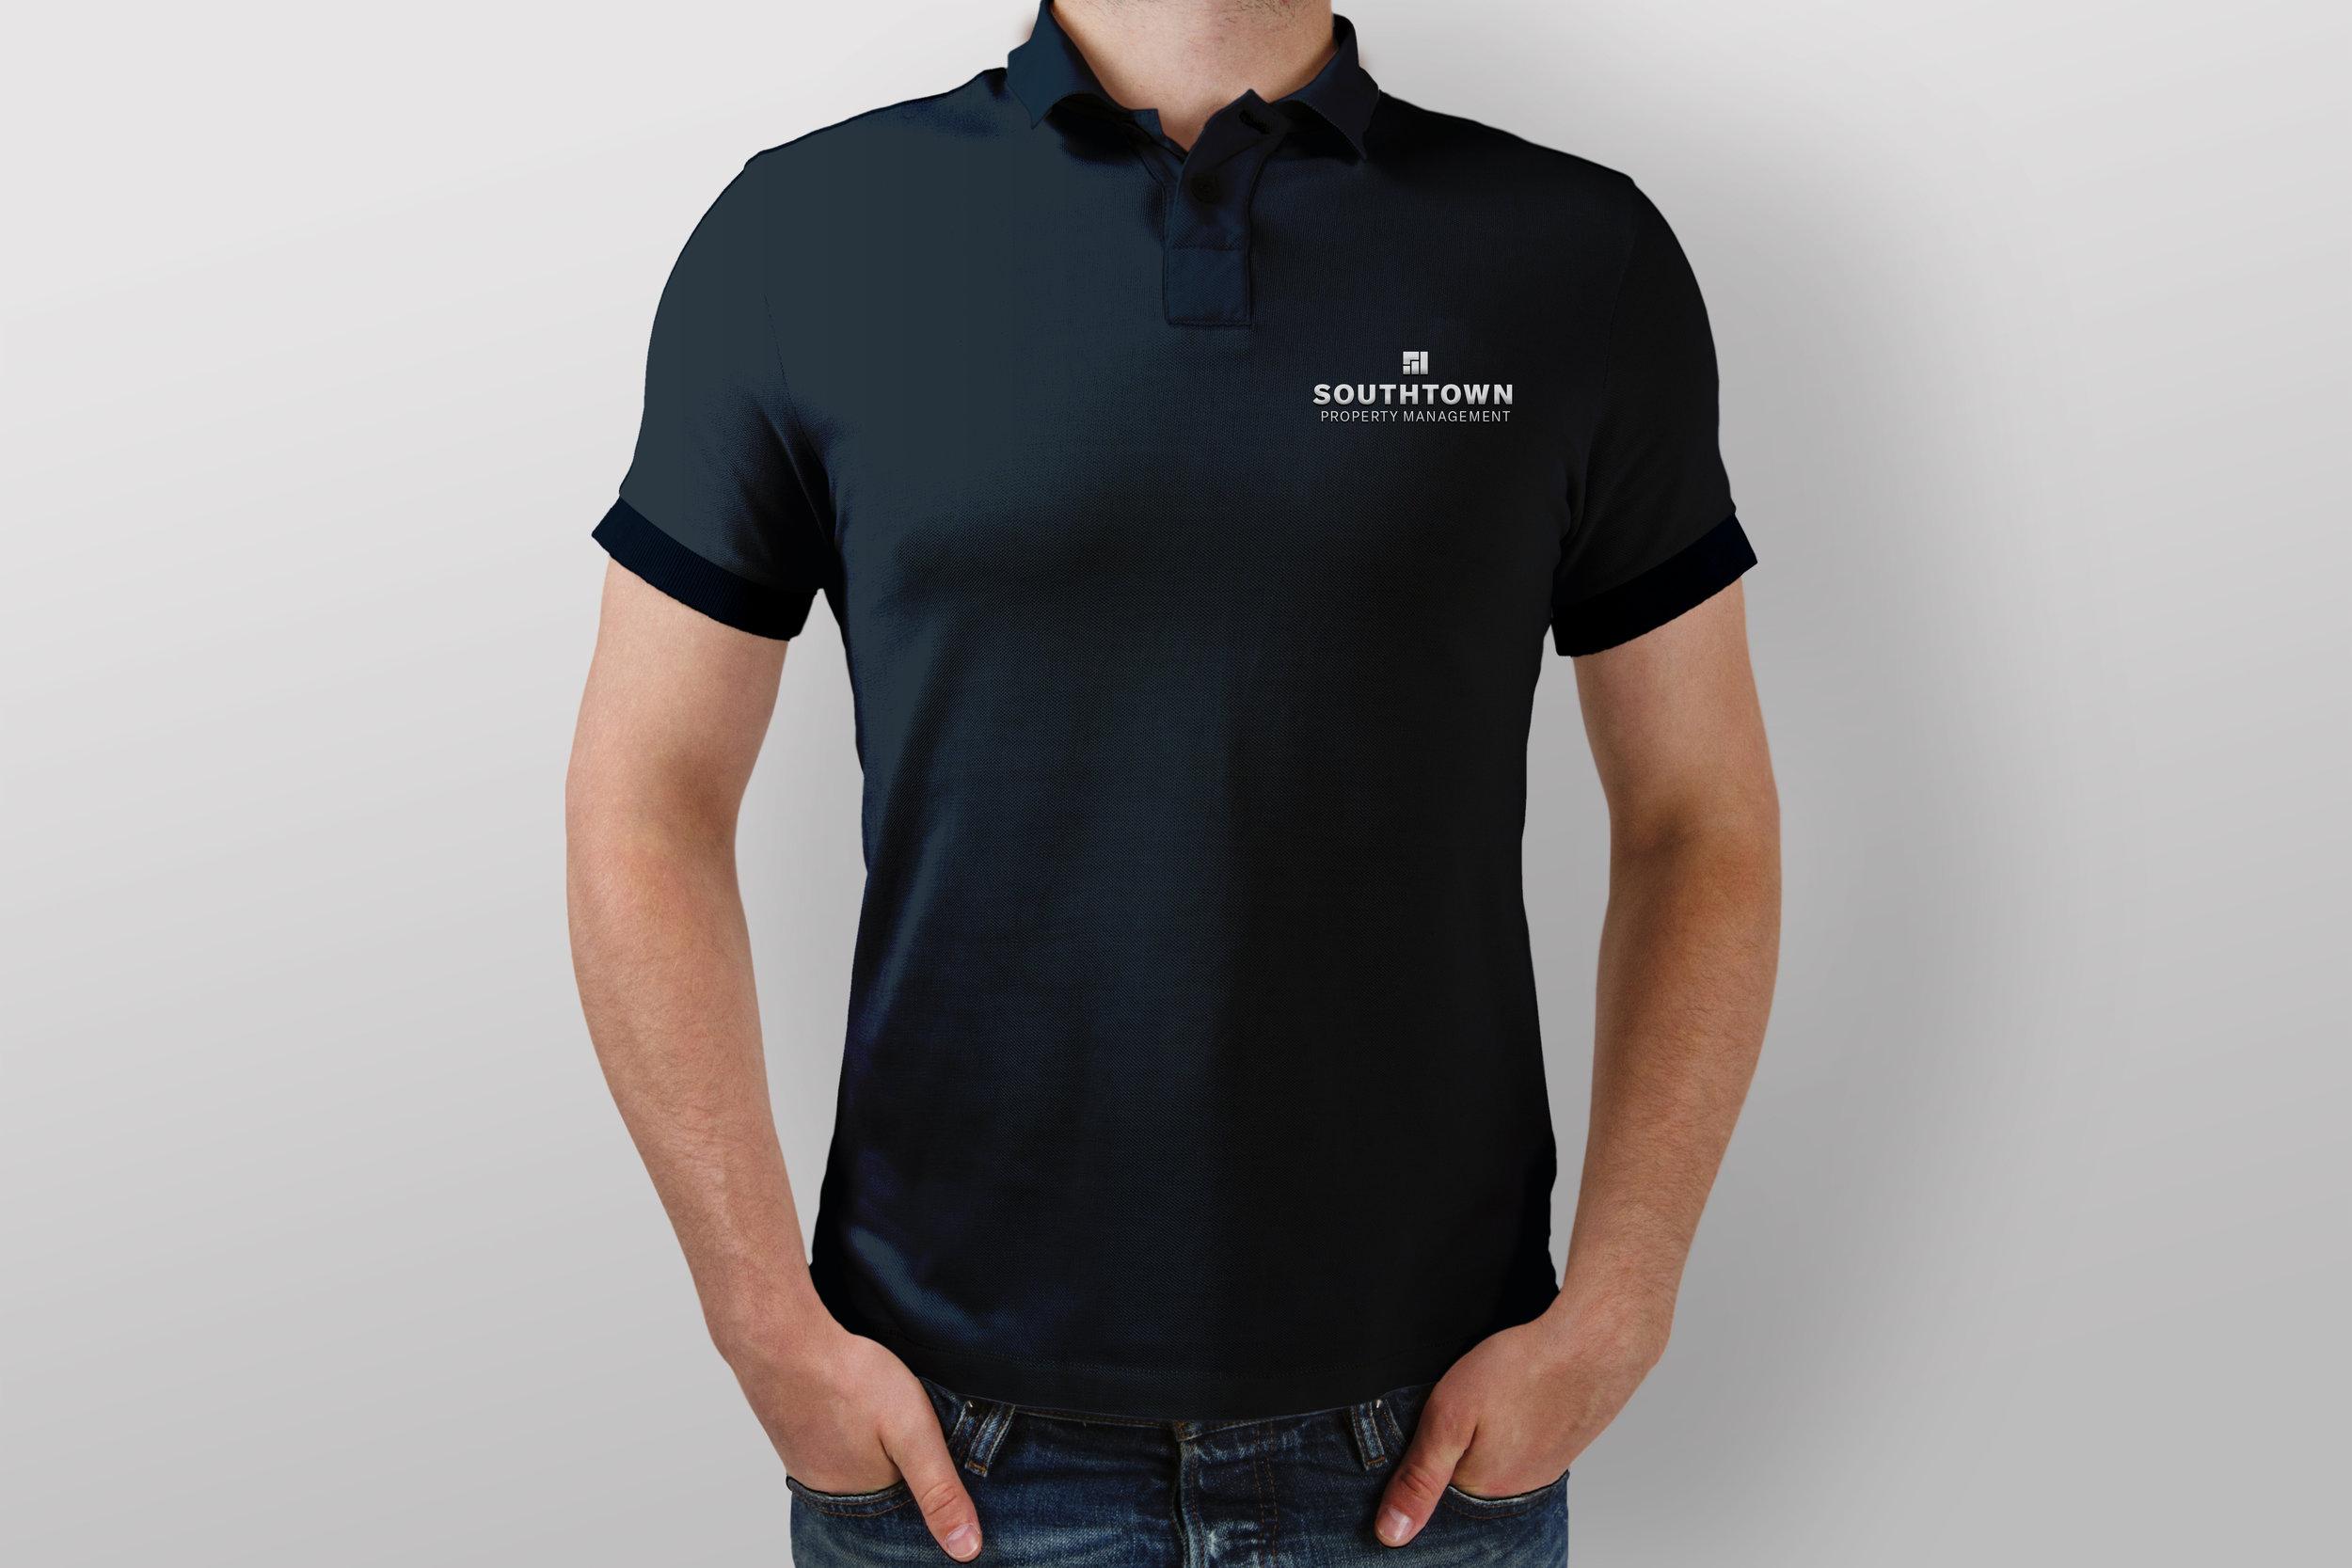 STPM-shirt.jpg